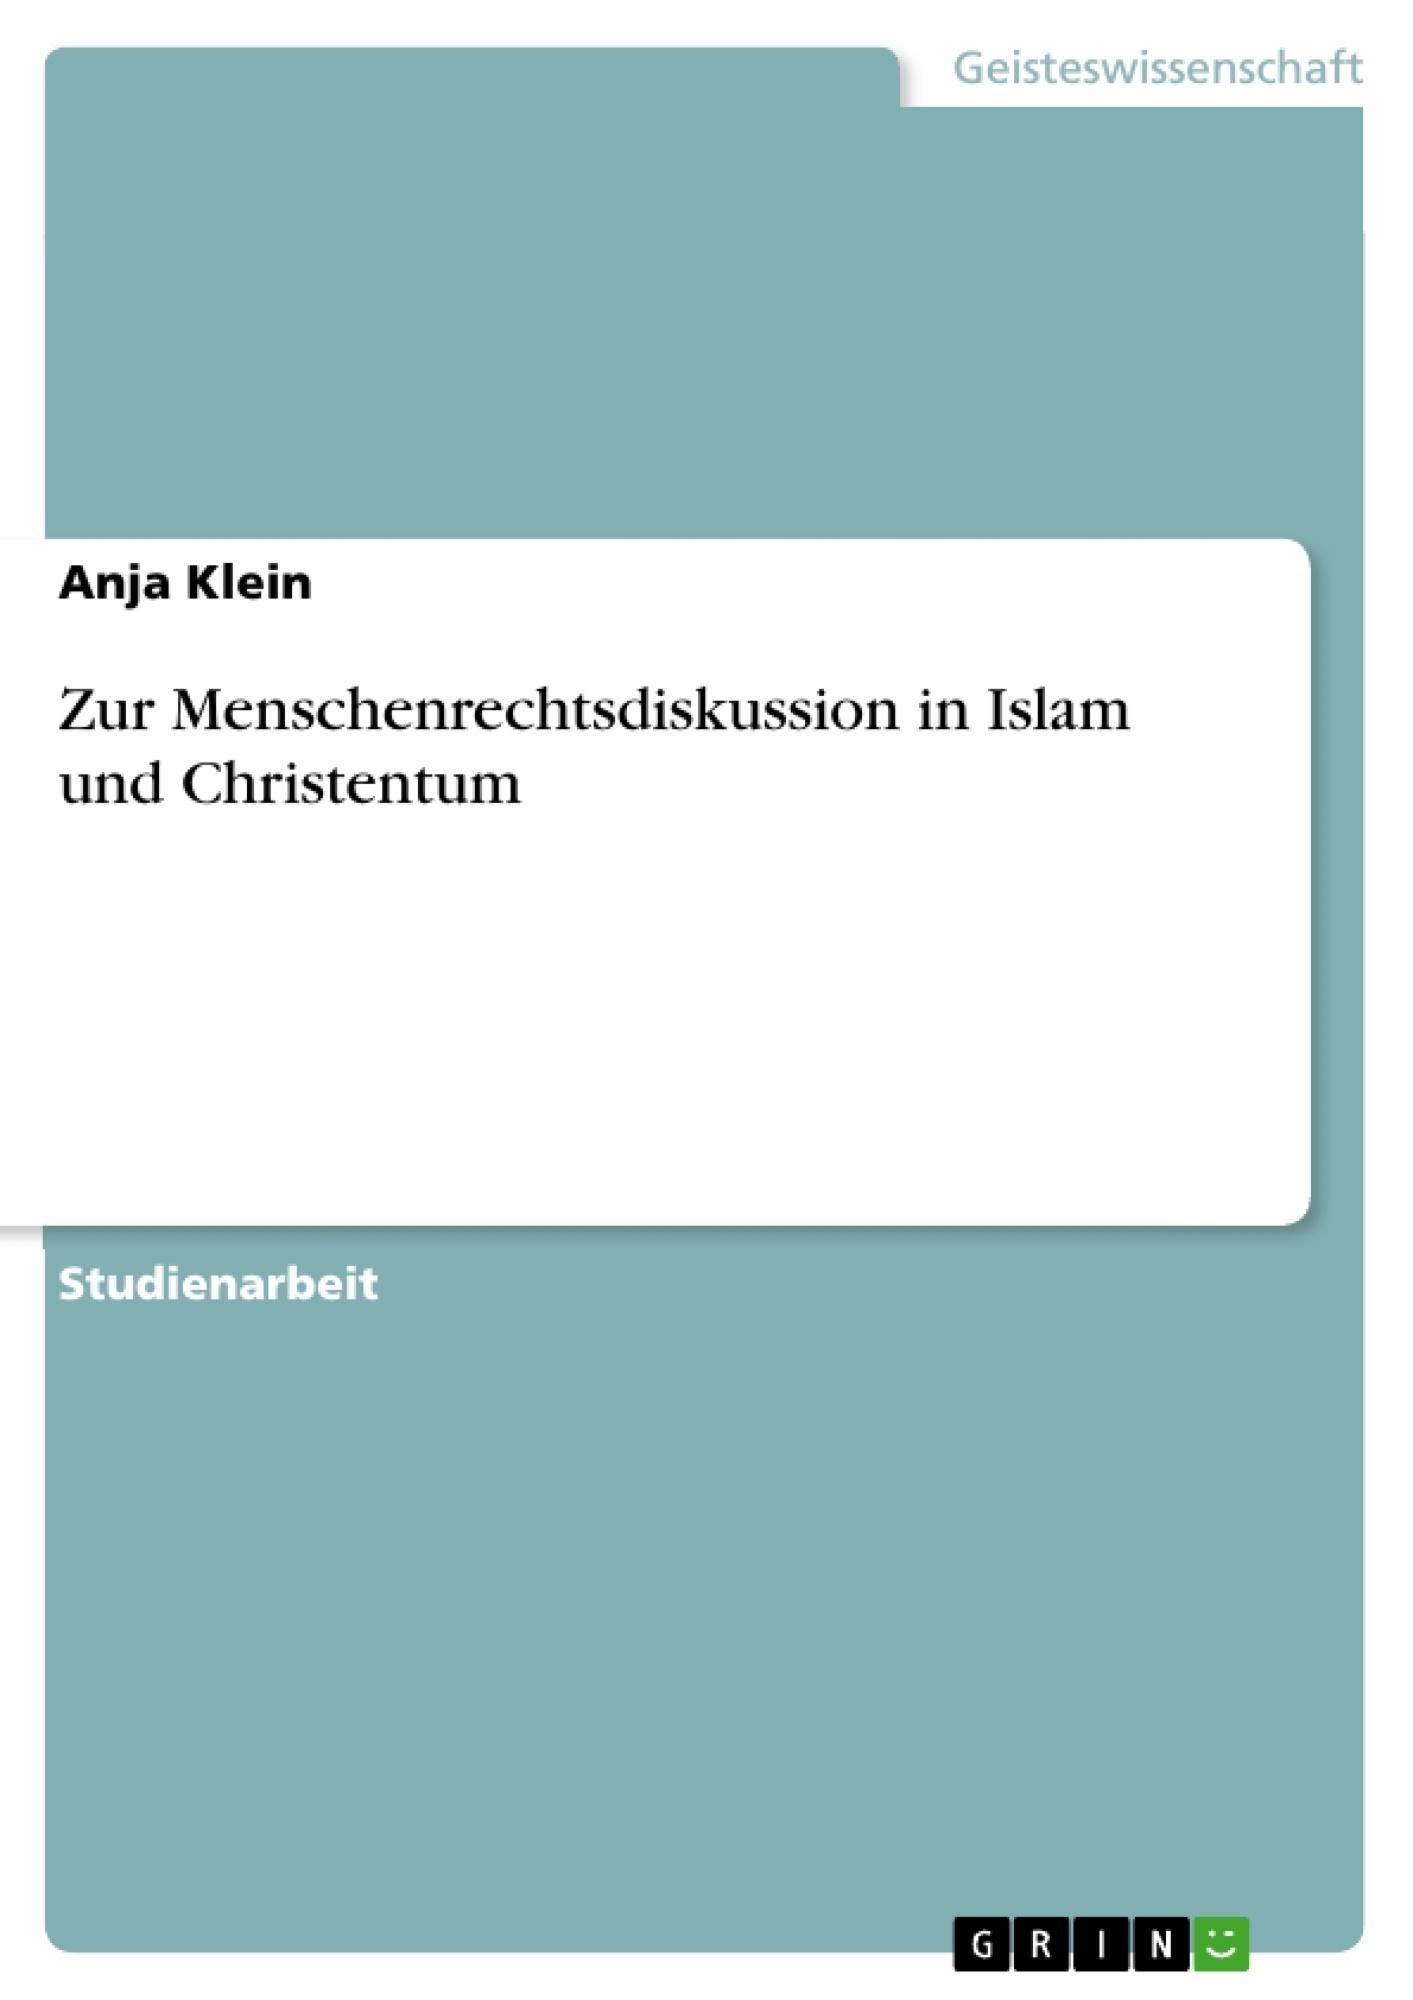 Titel: Zur Menschenrechtsdiskussion in Islam und Christentum